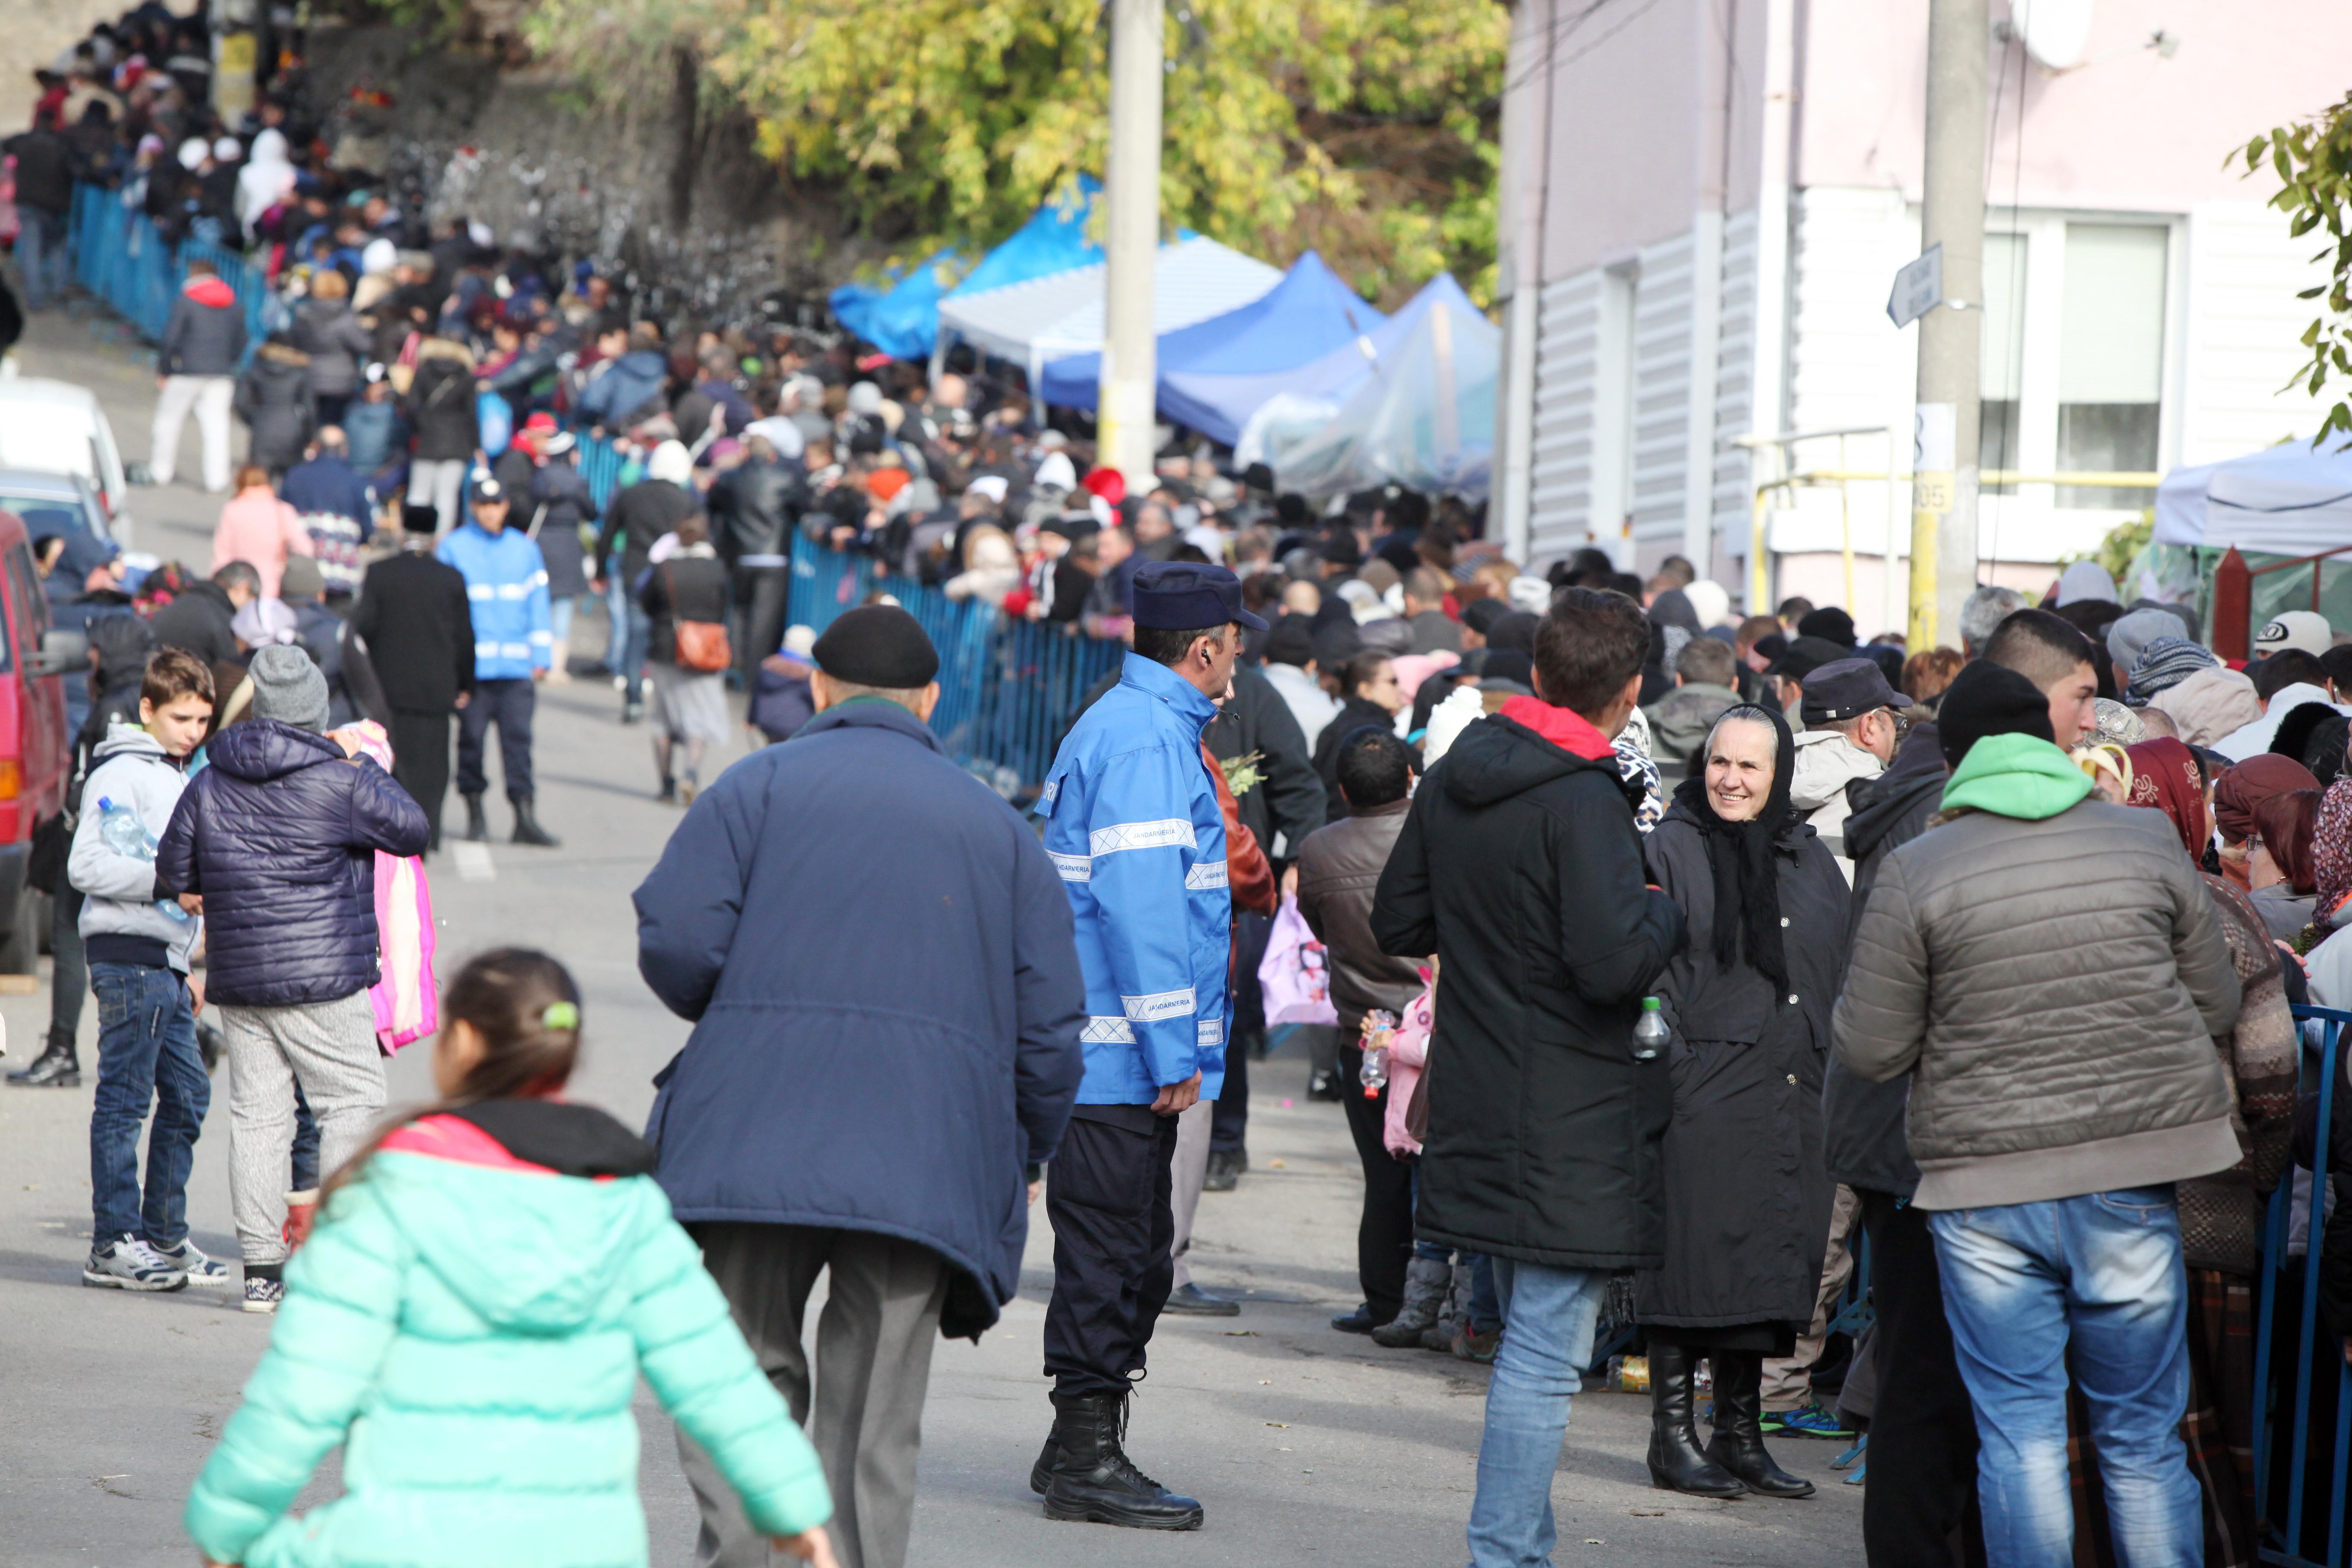 Sfânta Parascheva | Cel mai mare pelerinaj ortodox din România a început la Iaşi: 6.000 de persoane aşteaptă să ajungă la racla cu moaştele sfintei